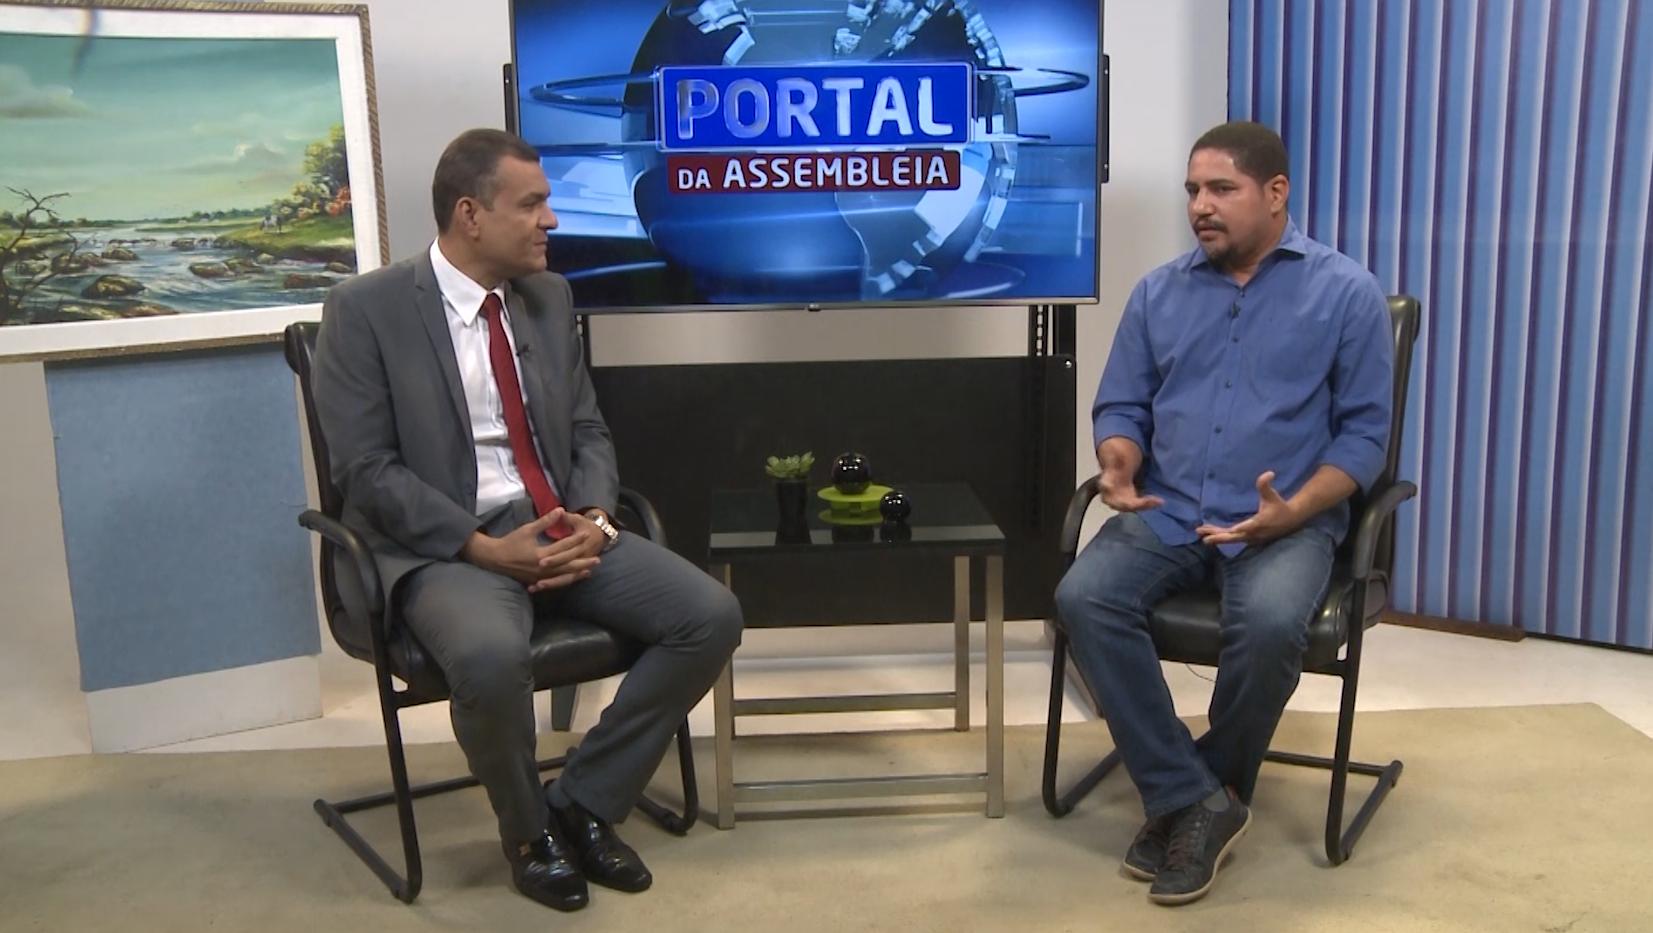 Em entrevista à TV Assembleia, Zé Inácio faz balanço positivo dos trabalhos da CPI da Cyrela